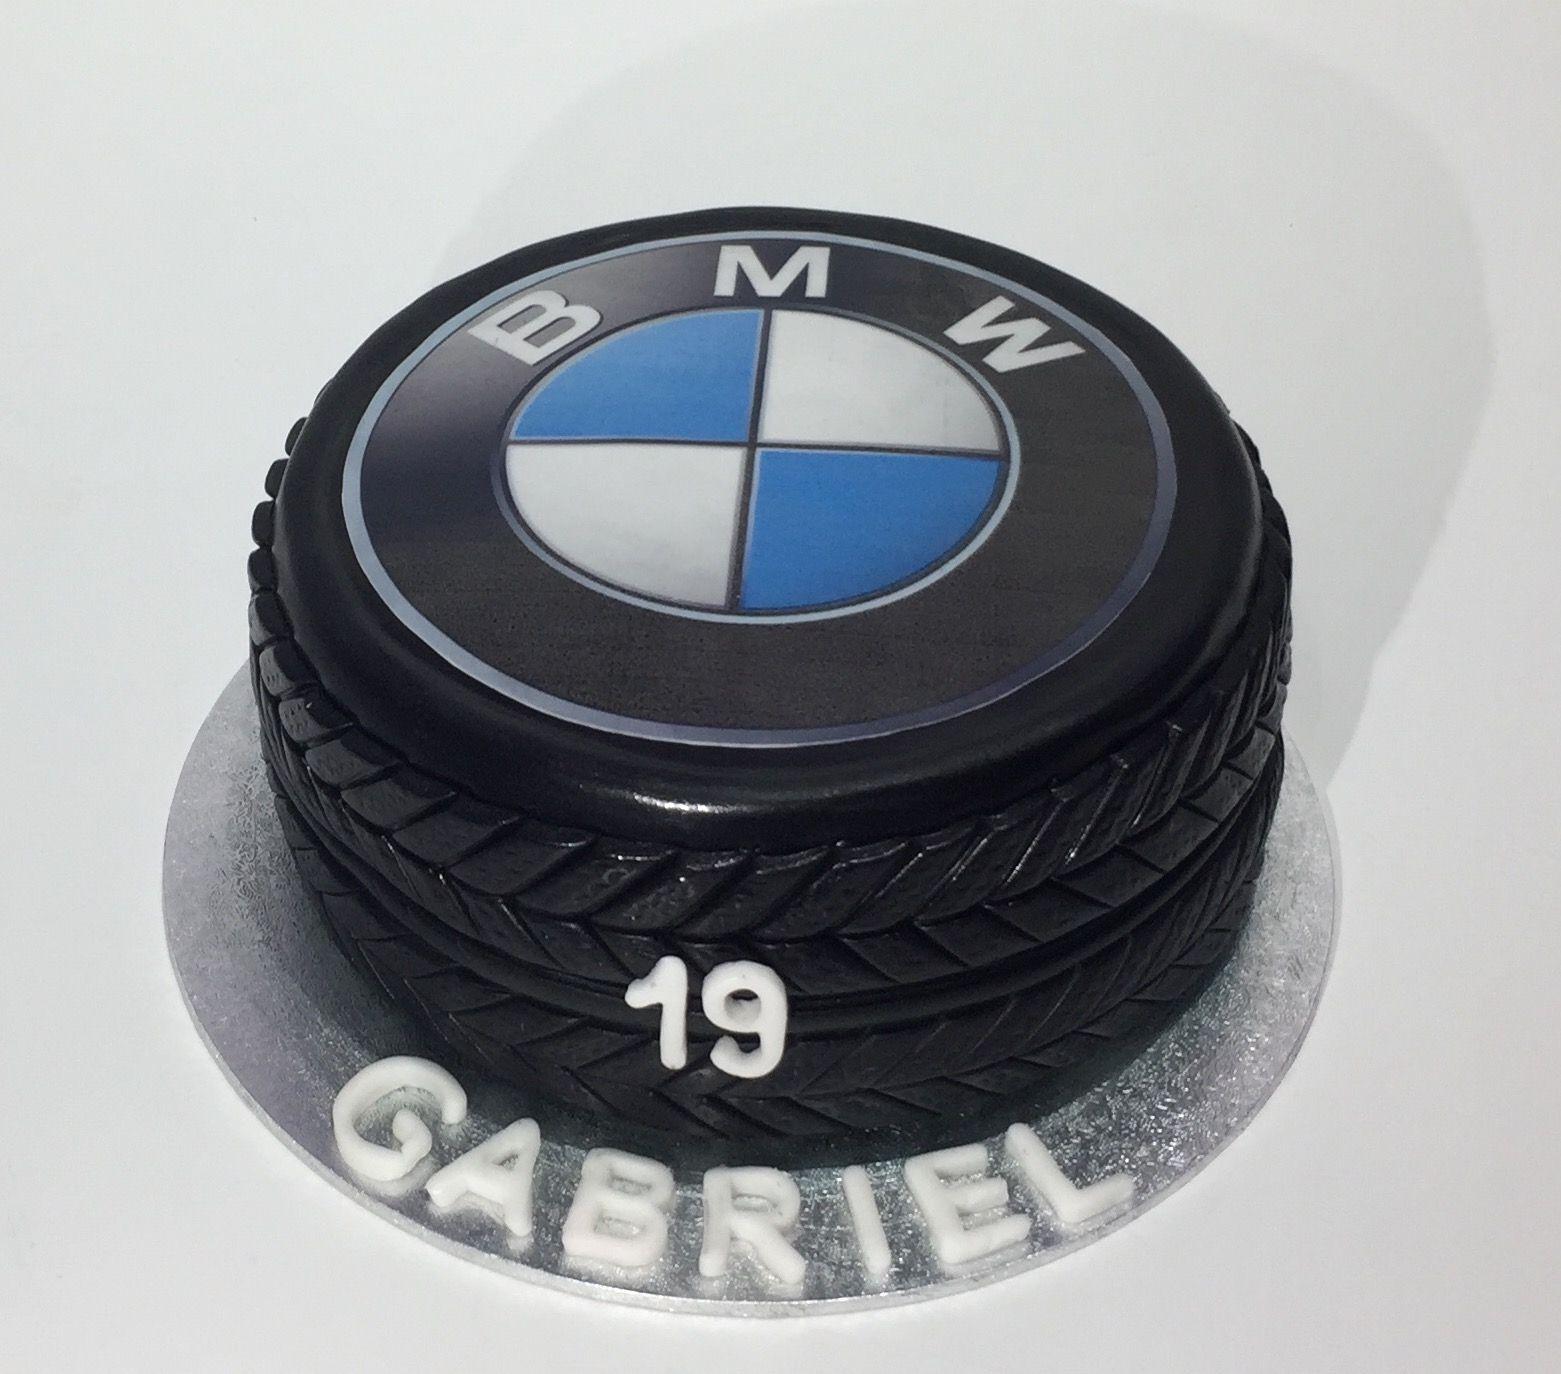 bmw tire birthday cake bmw reifen geburtstags torte. Black Bedroom Furniture Sets. Home Design Ideas